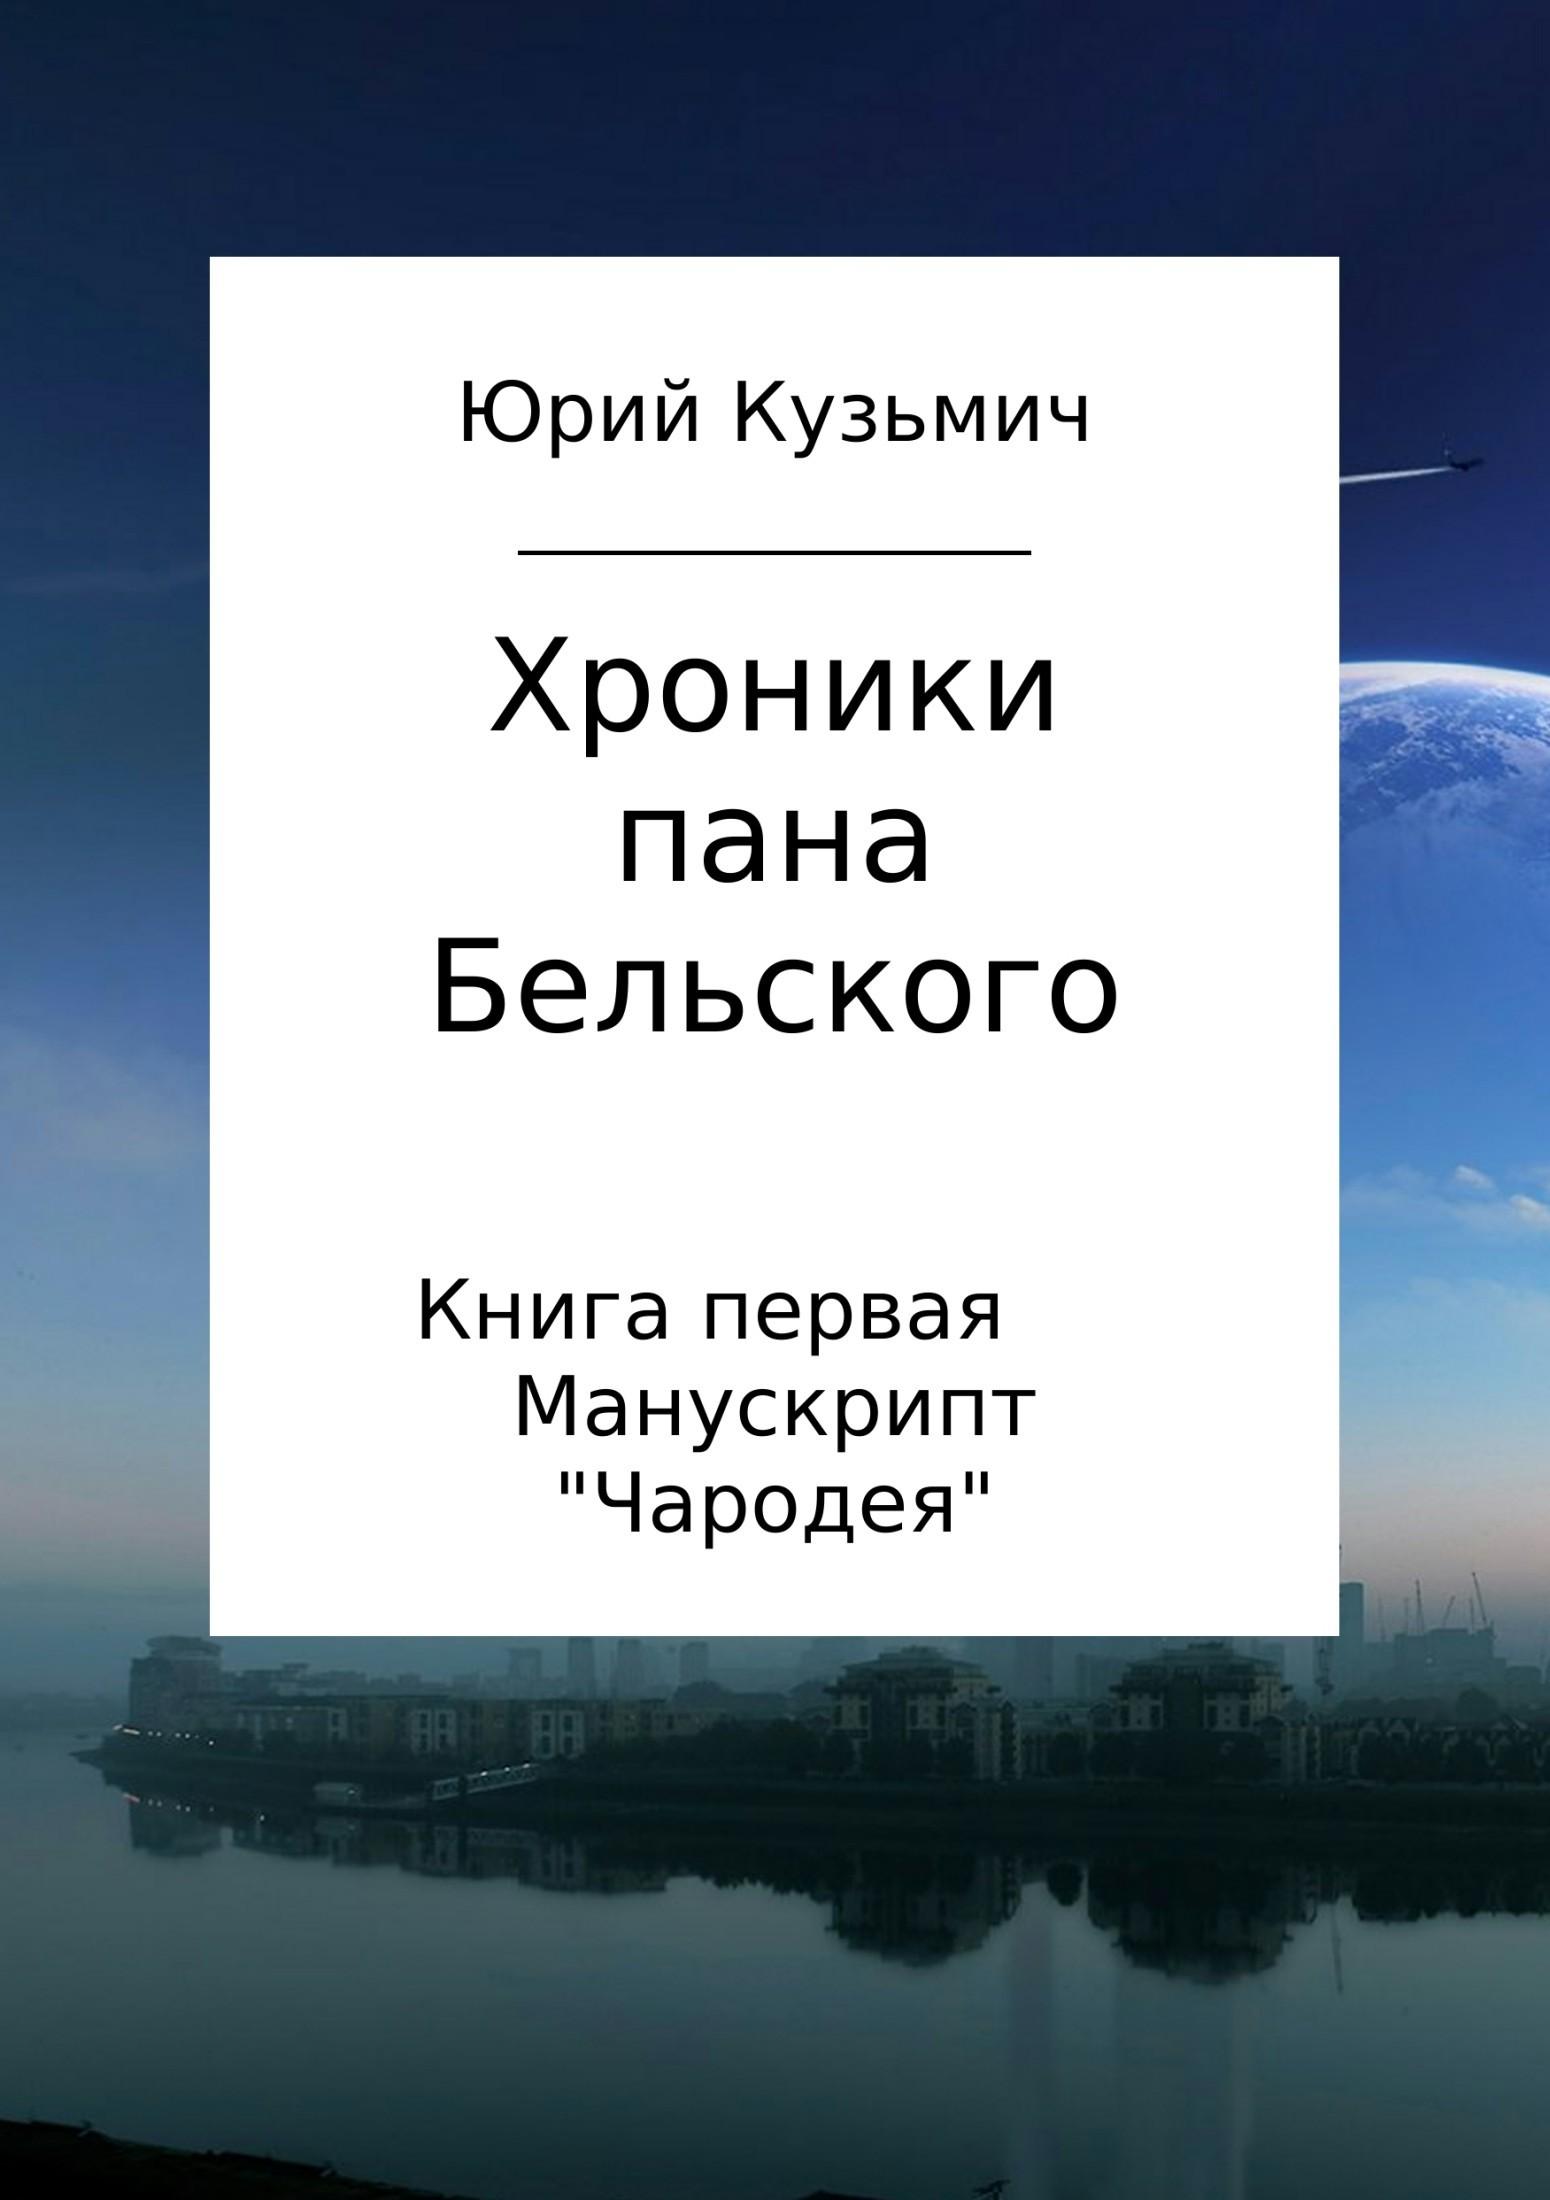 Хроники пана Бельского. Книга первая. Манускрипт «Чародея»